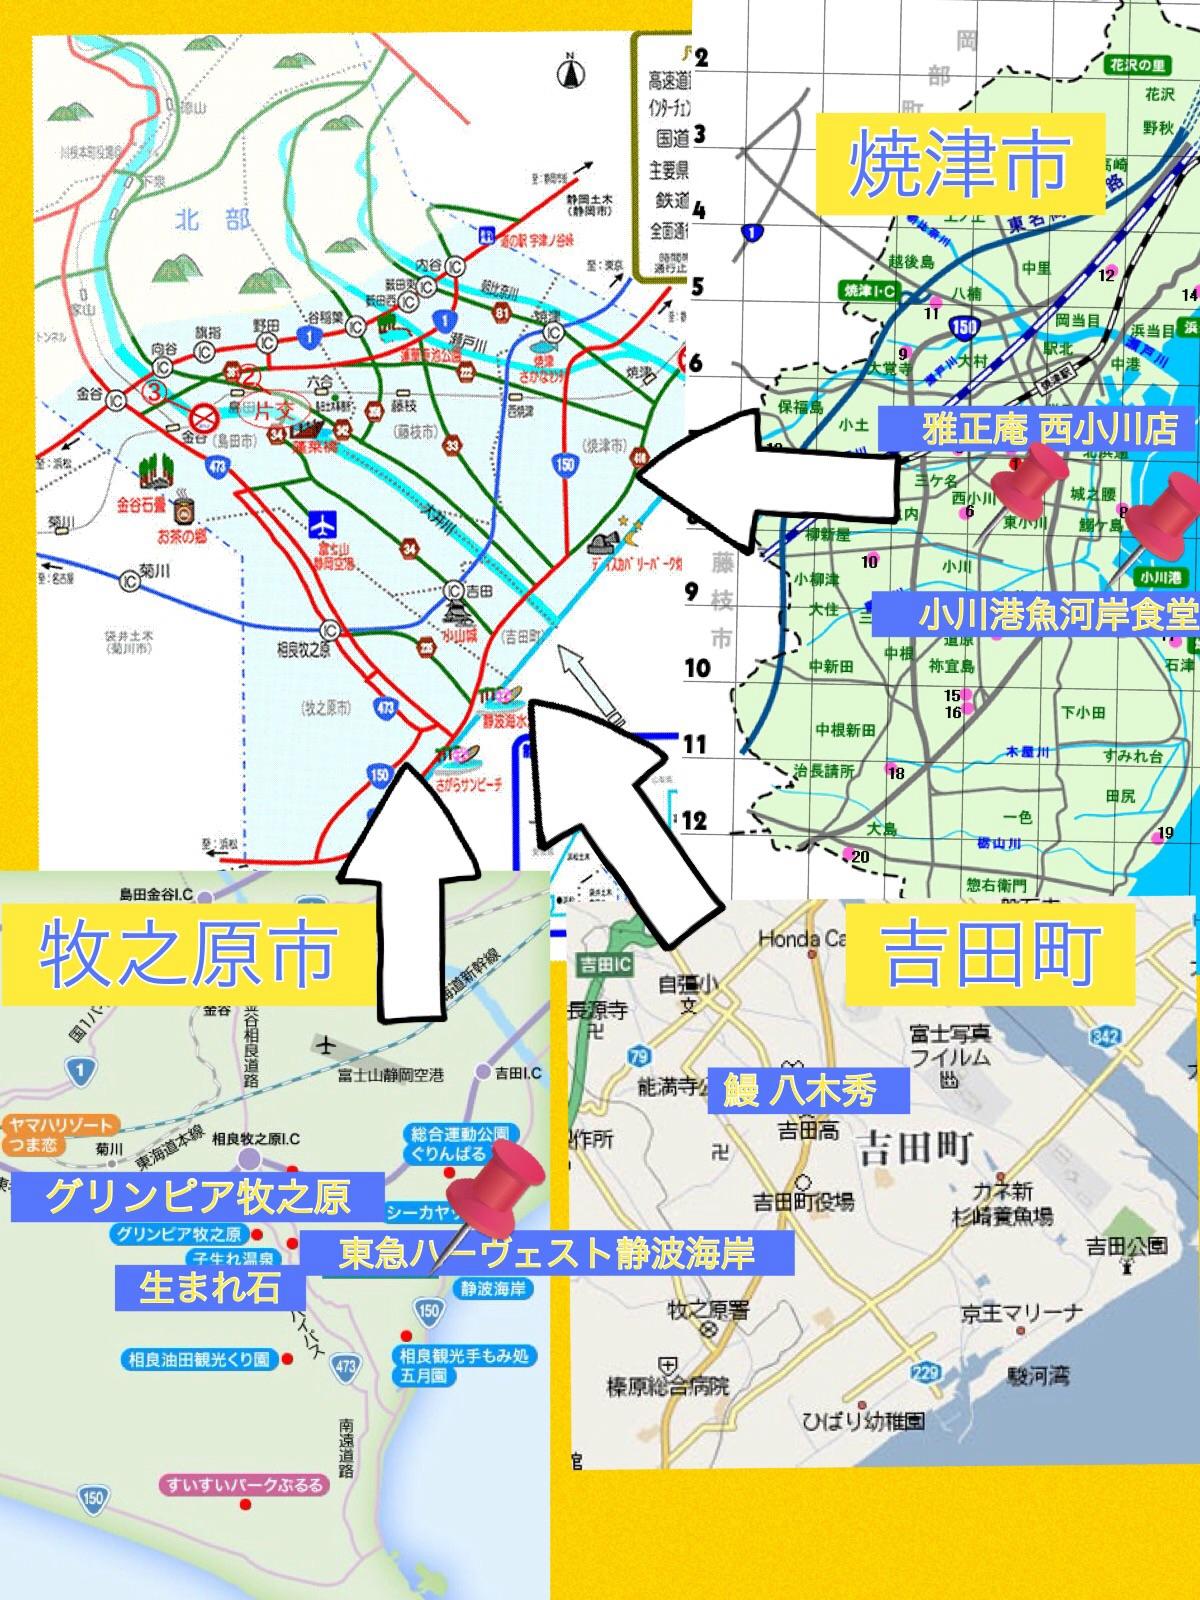 アウトランダーPHEV 静岡県ドライブ旅行